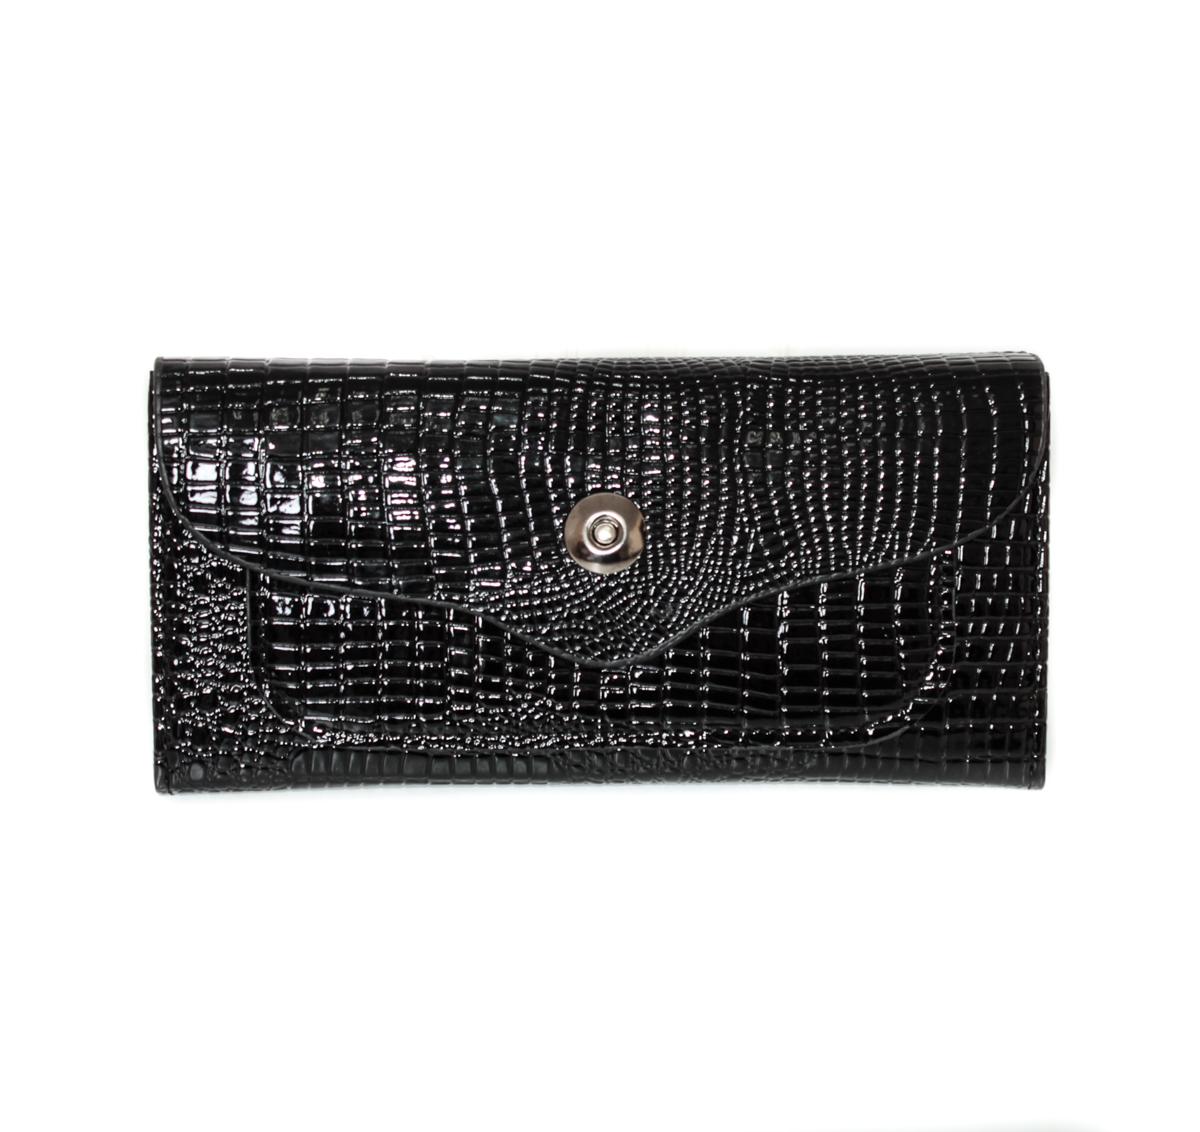 Кошелек женский Leighton, цвет: черный. 0005110800051108Закрывается на кнопку. Внутри два отделения, один карман на молнии. Имеются отделения для визиток.